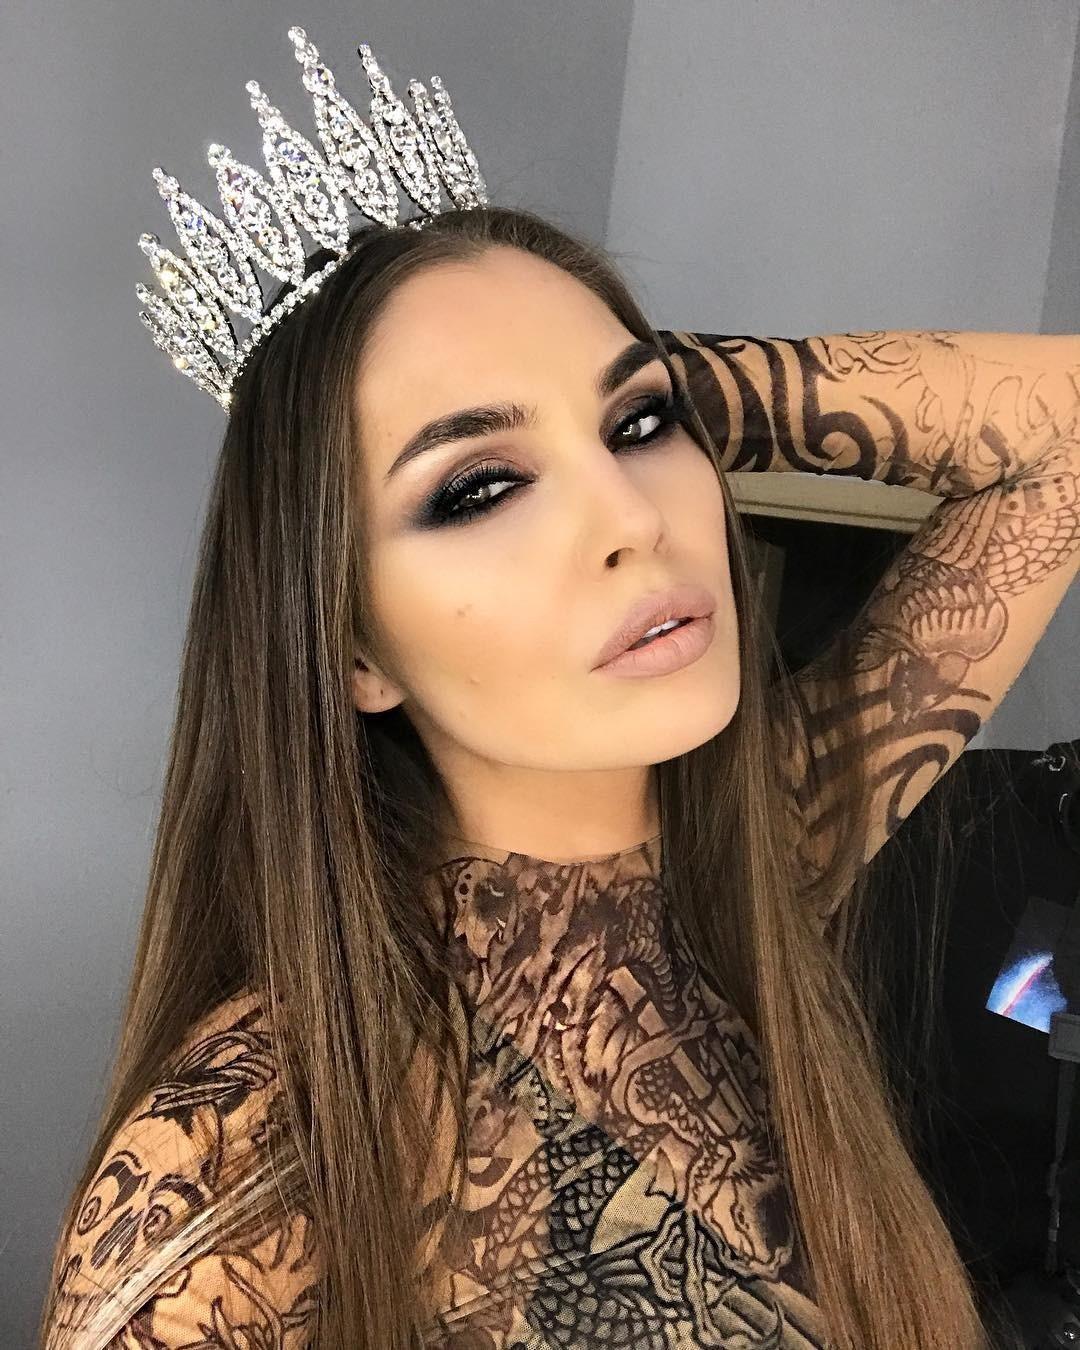 Как живет Алиса Тулынина — россиянка-победительница конкурса красоты среди замужних женщин